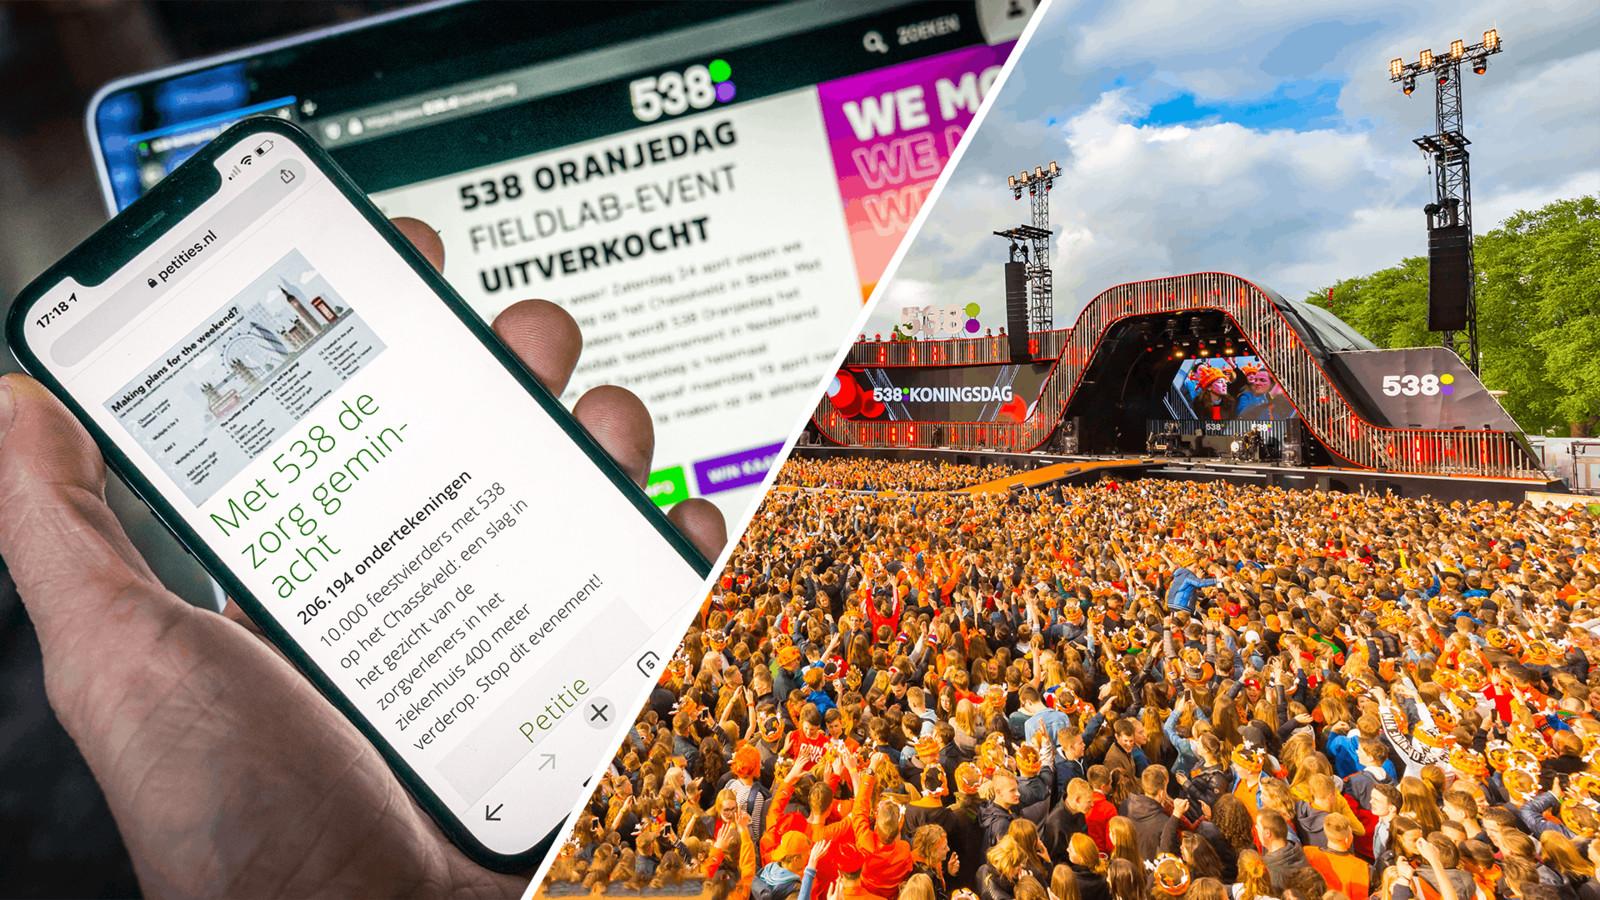 Het omstreden testevenement 538 Oranjedag in Breda gaat niet door. De gemeente Breda heeft besloten geen vergunning te verlenen.